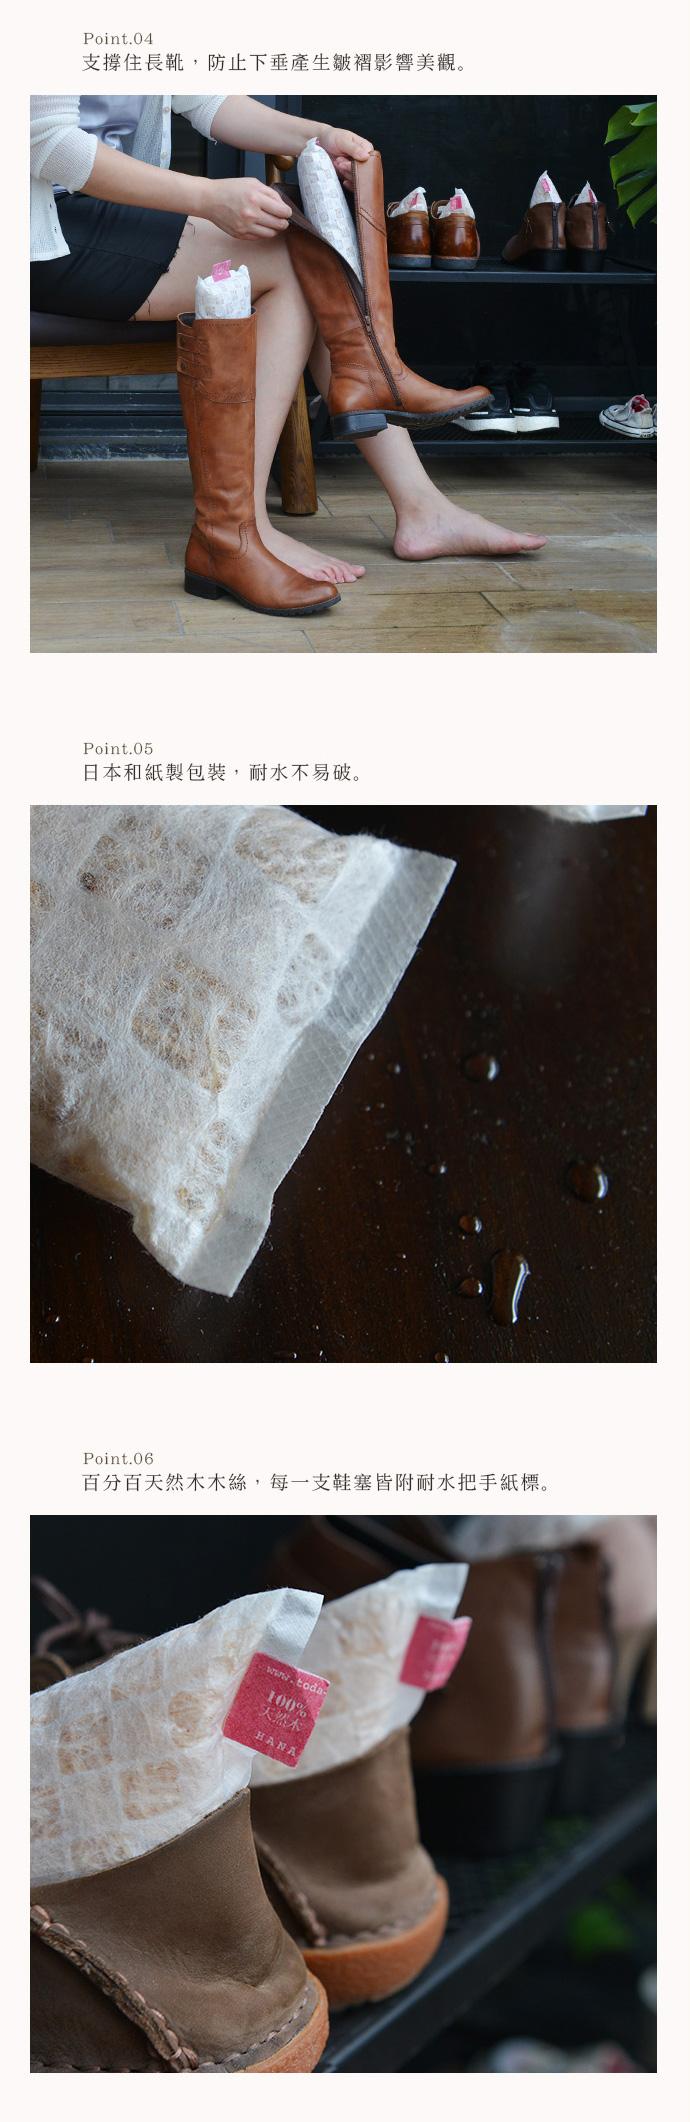 (複製)+O家窩 X 戶田|日本製天然木絲除溼/消臭芳香包(檜木味)-衣櫃專用-3入